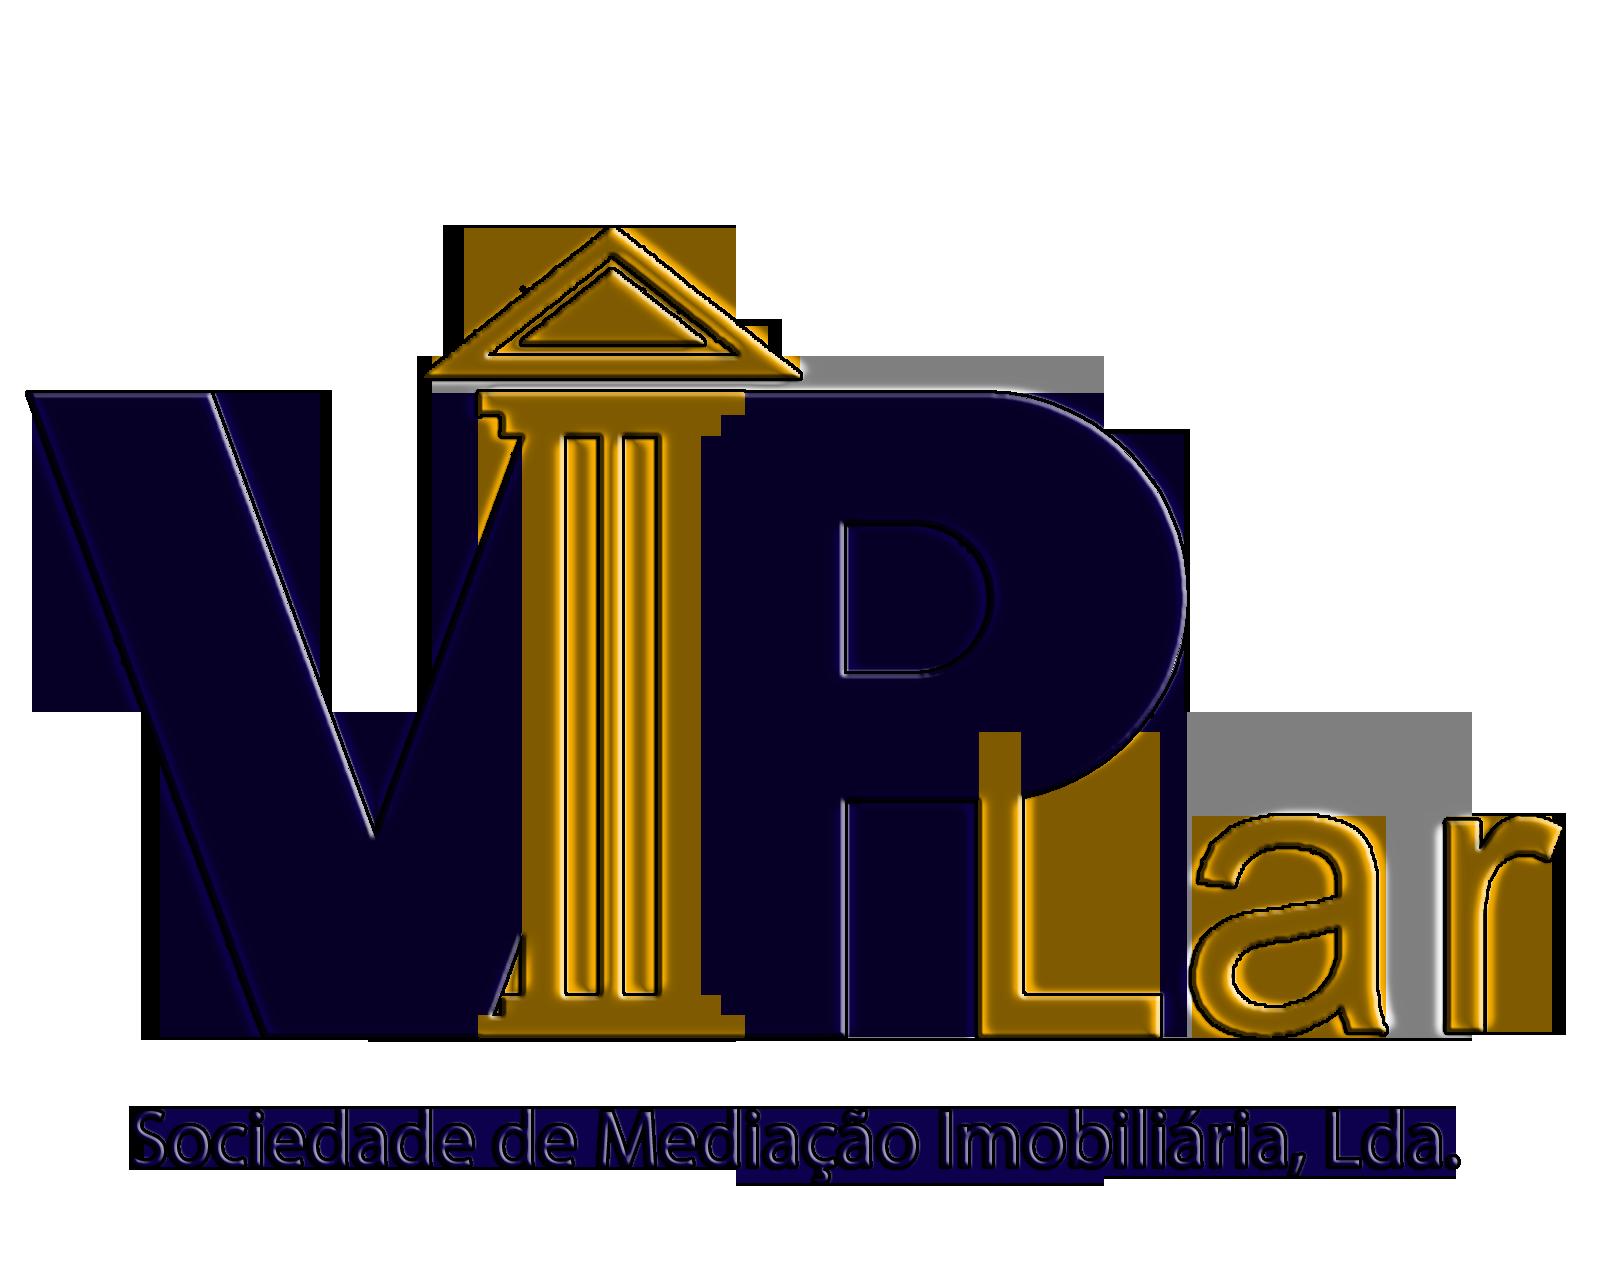 VIPLAR Sociedade de Mediação Imobiliária, LDA